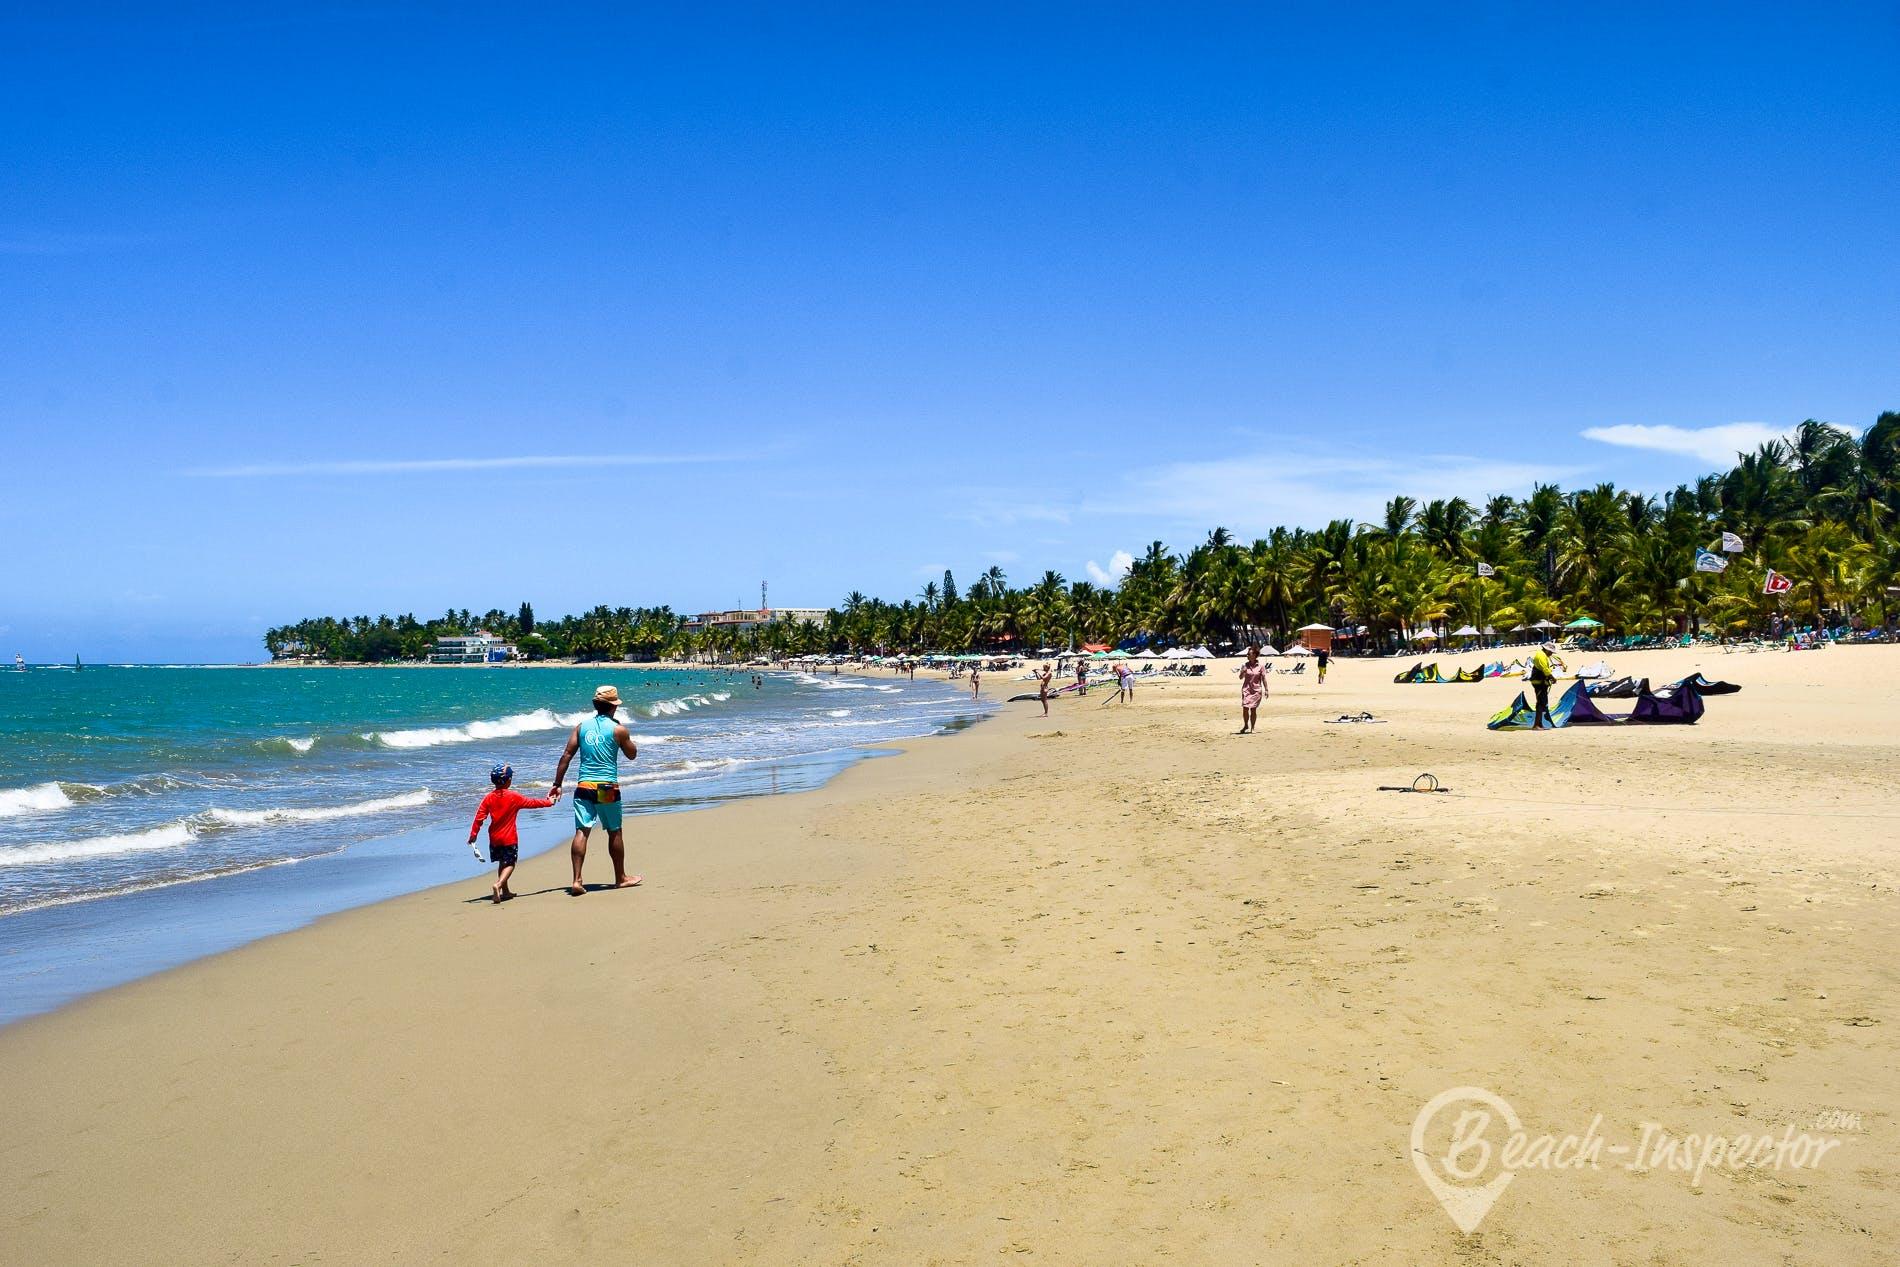 Strand Playa Cabarete, Dominikanische Republik, Dominikanische Republik